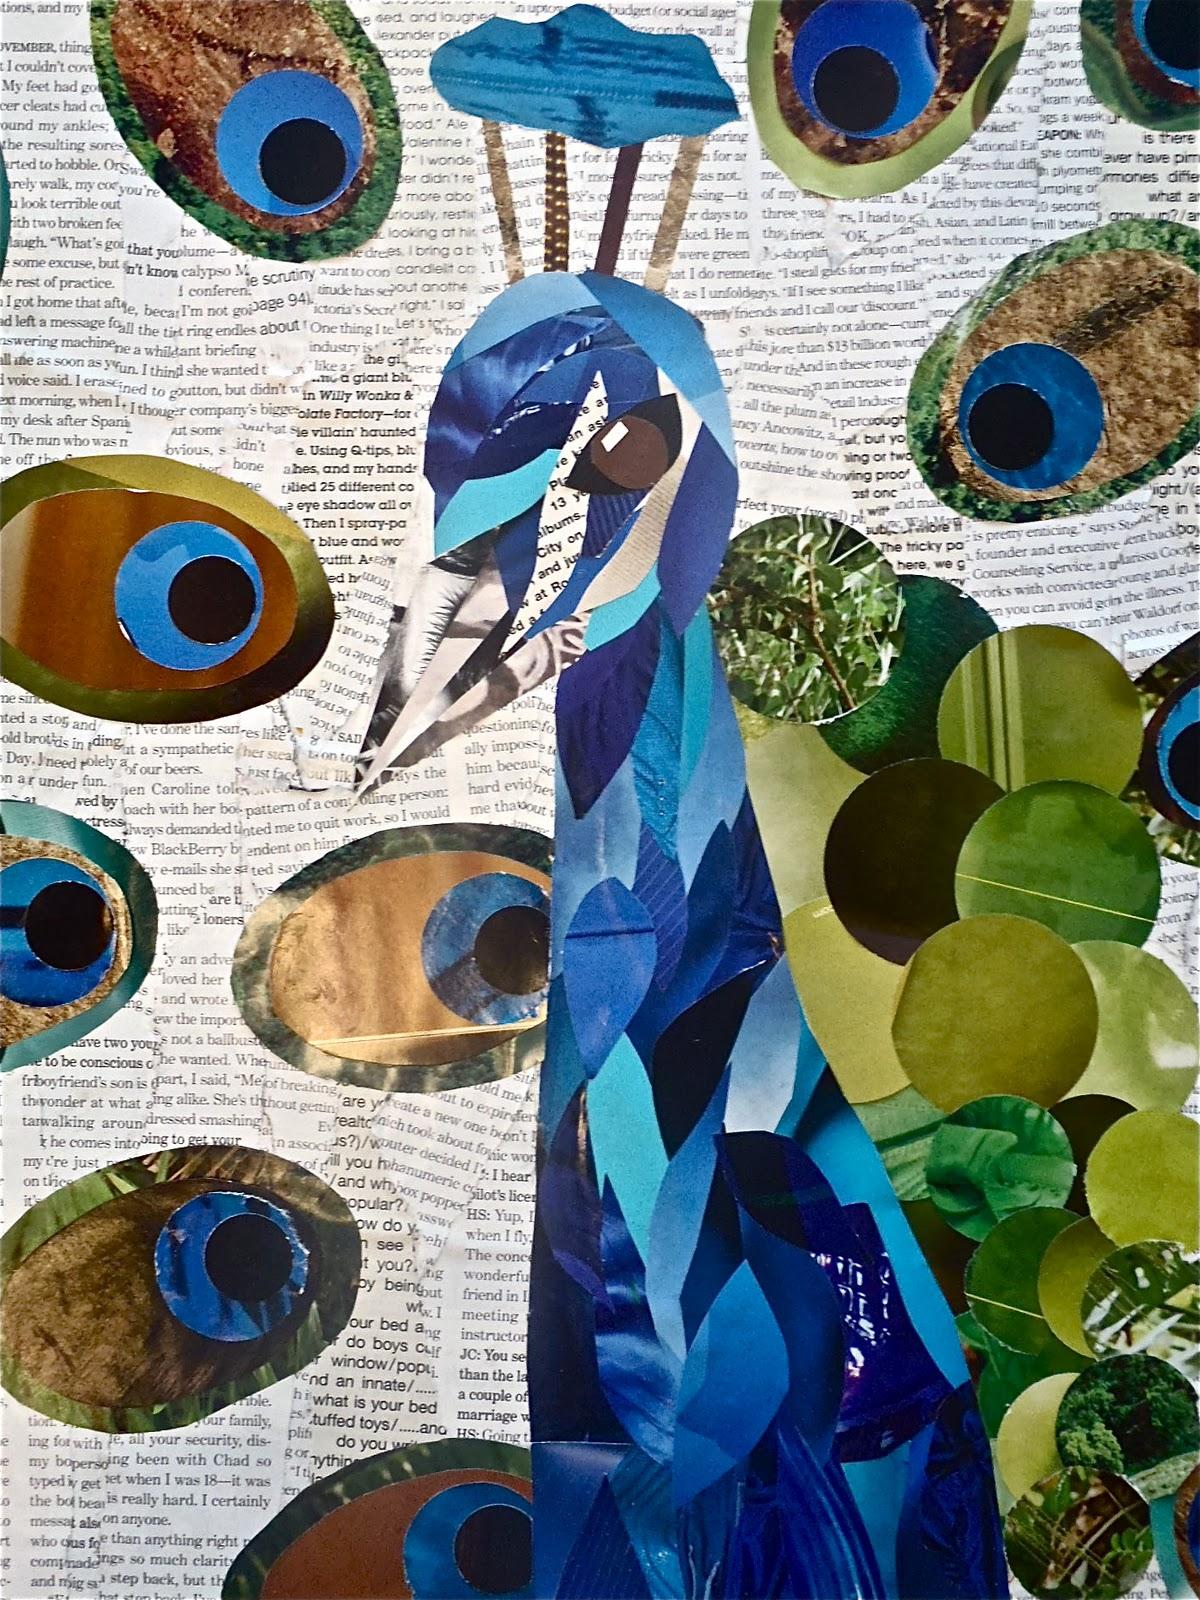 http://2.bp.blogspot.com/__qGPPbf0Yws/TT2RoBed8hI/AAAAAAAAAK8/UUxuSy84awM/s1600/The+Peacock%252C+Magazine+Collage.JPG